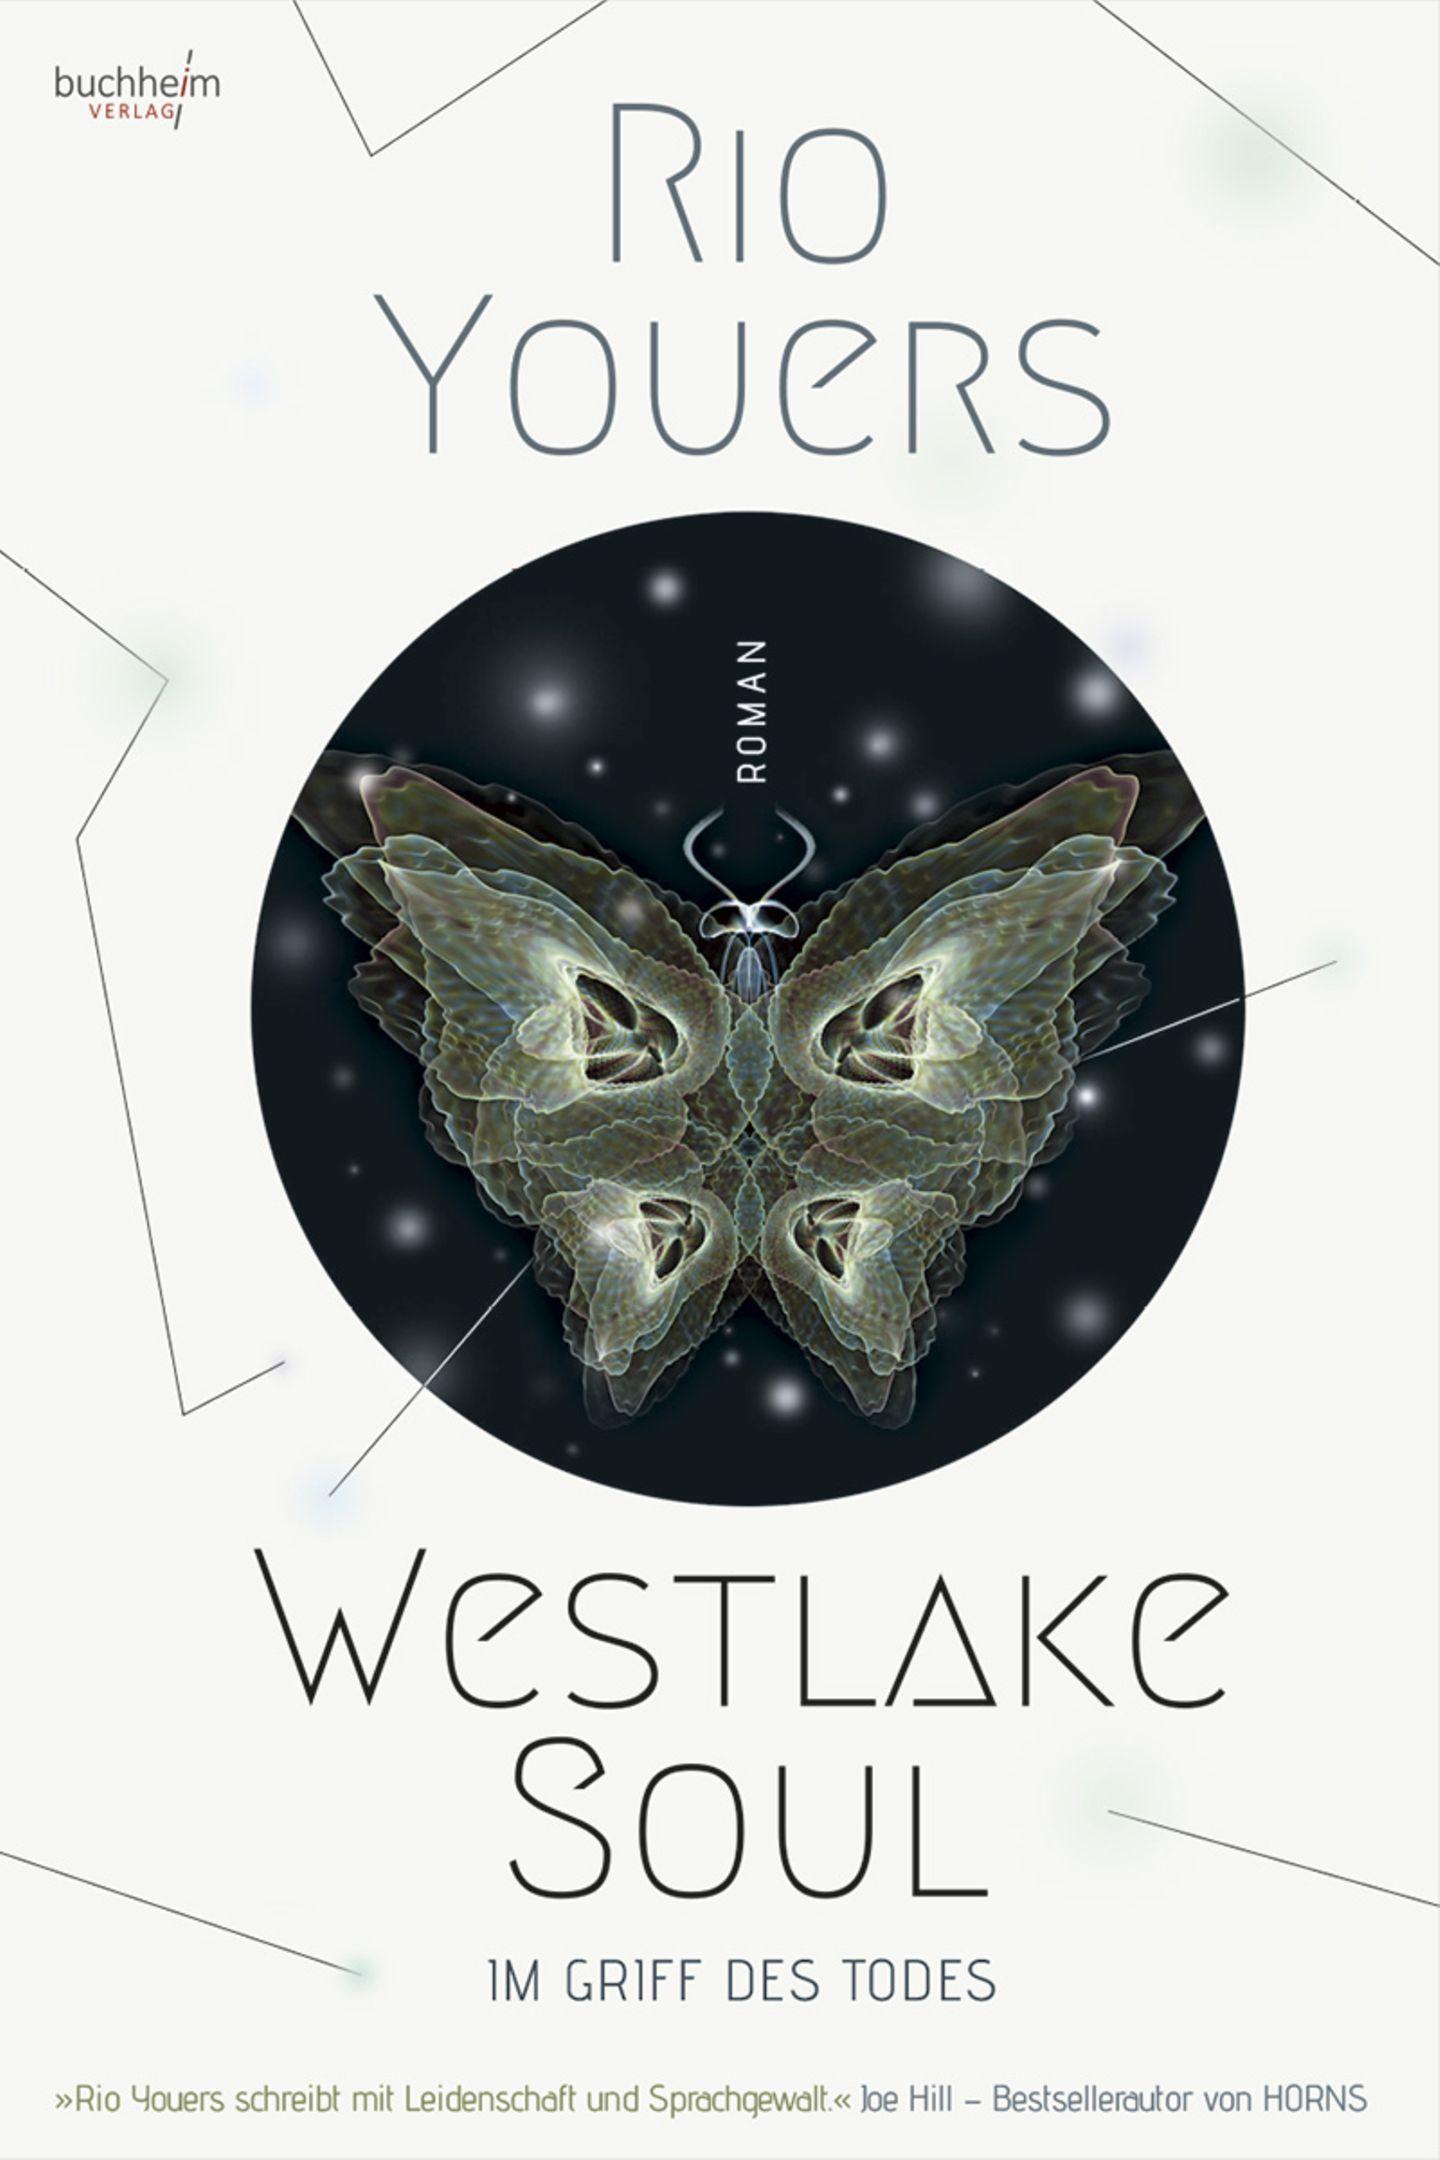 Westlake Soul von Rio Youers